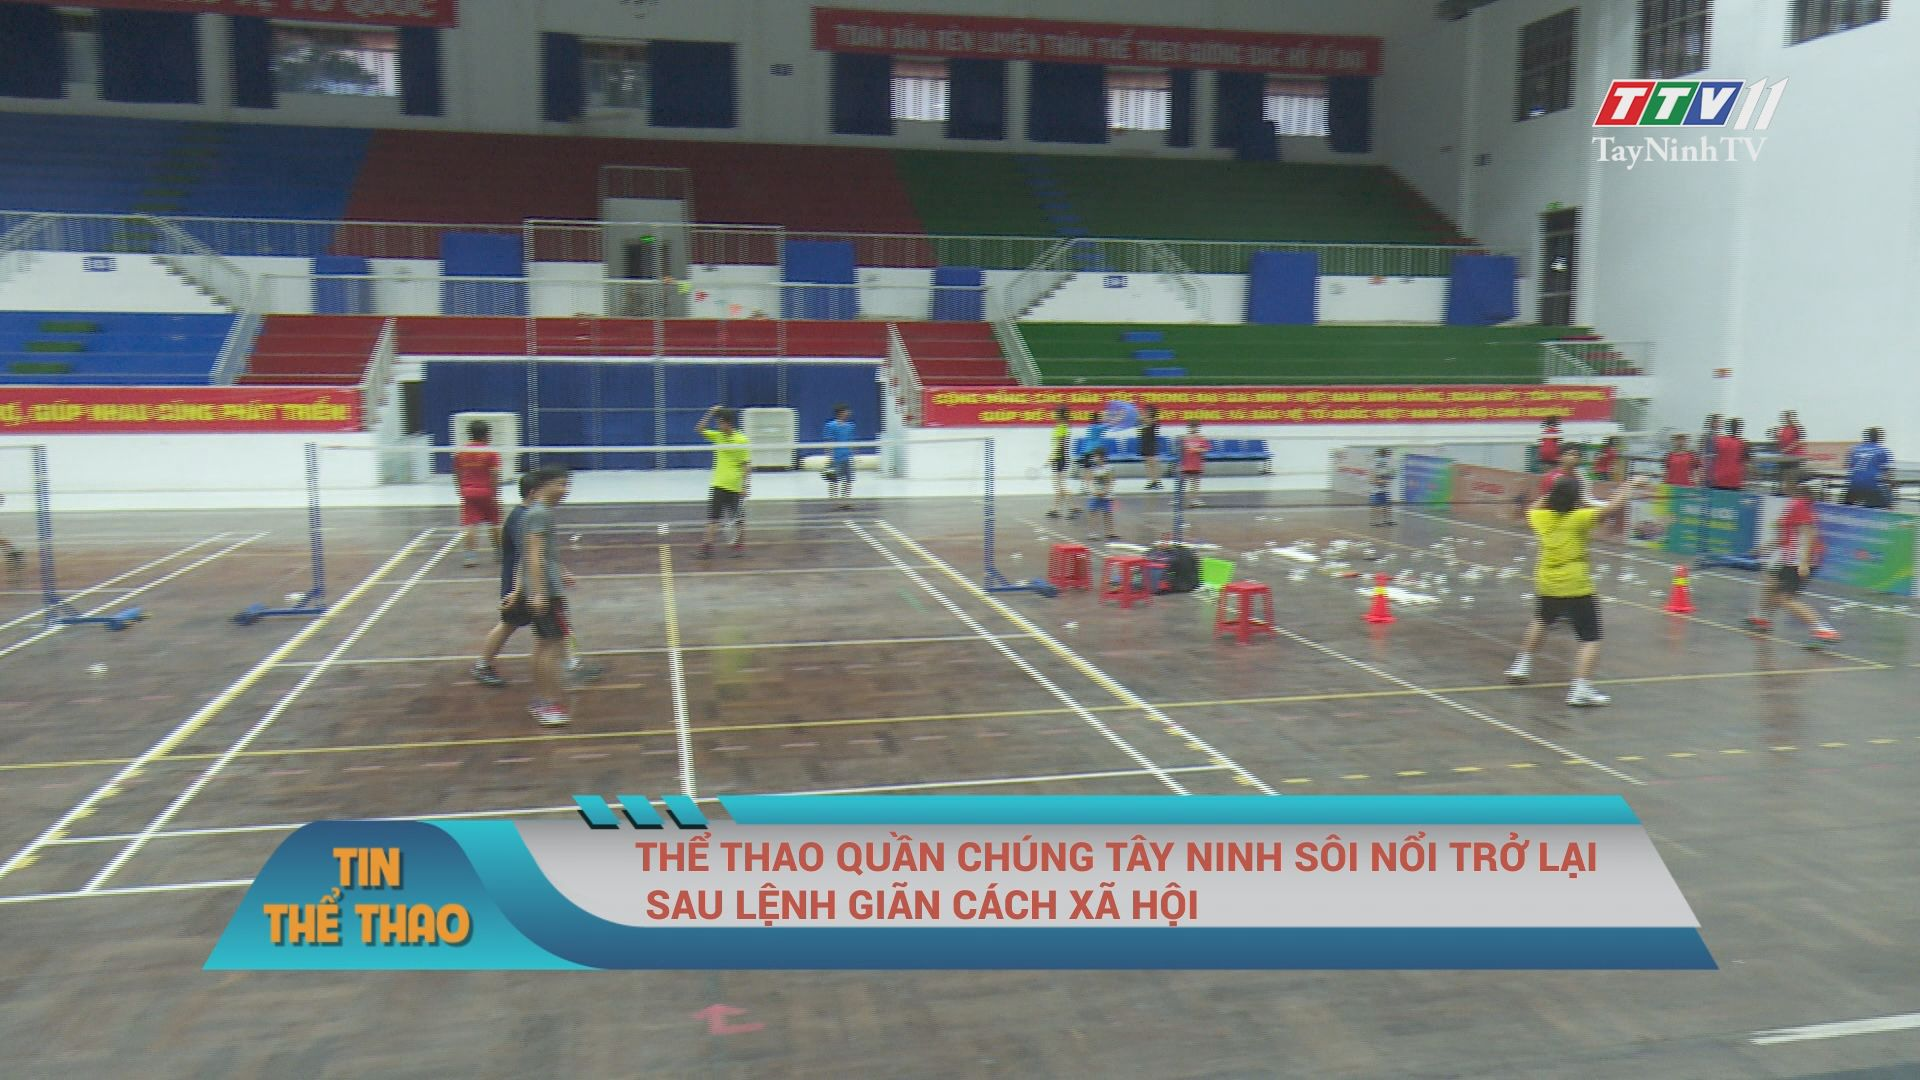 Thể thao quần chúng Tây Ninh sôi nổi trở lại sau lệnh giãn cách xã hội | TIN THỂ THAO | TayNinhTV